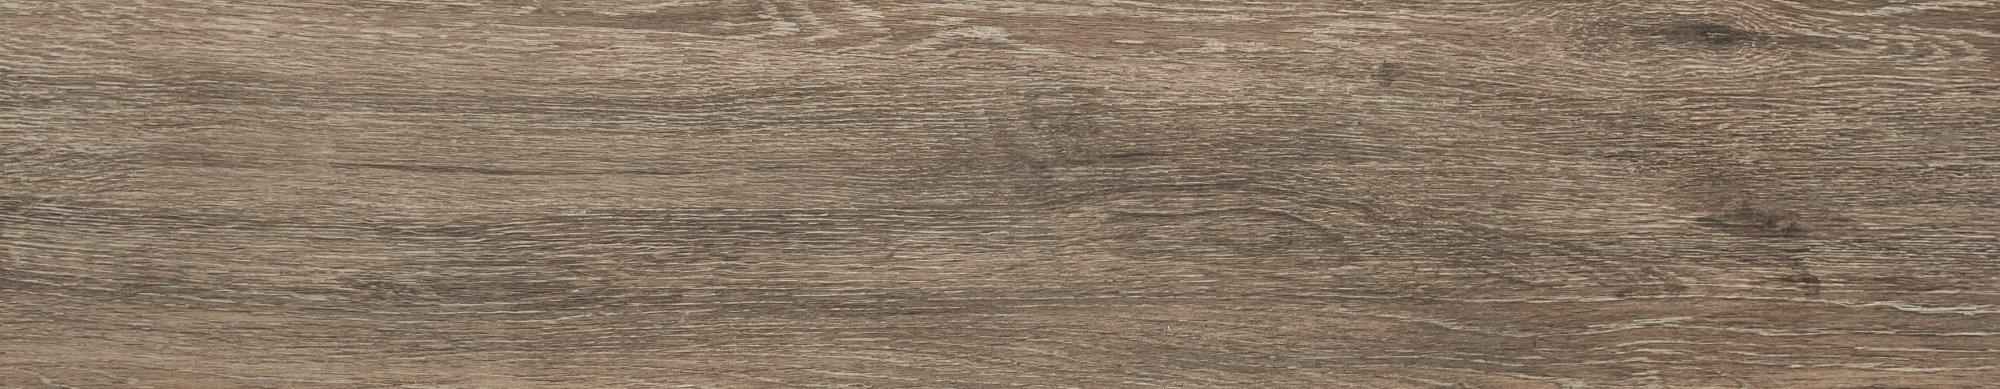 Catalea brown - dlaždice 17,5x90 hnědá